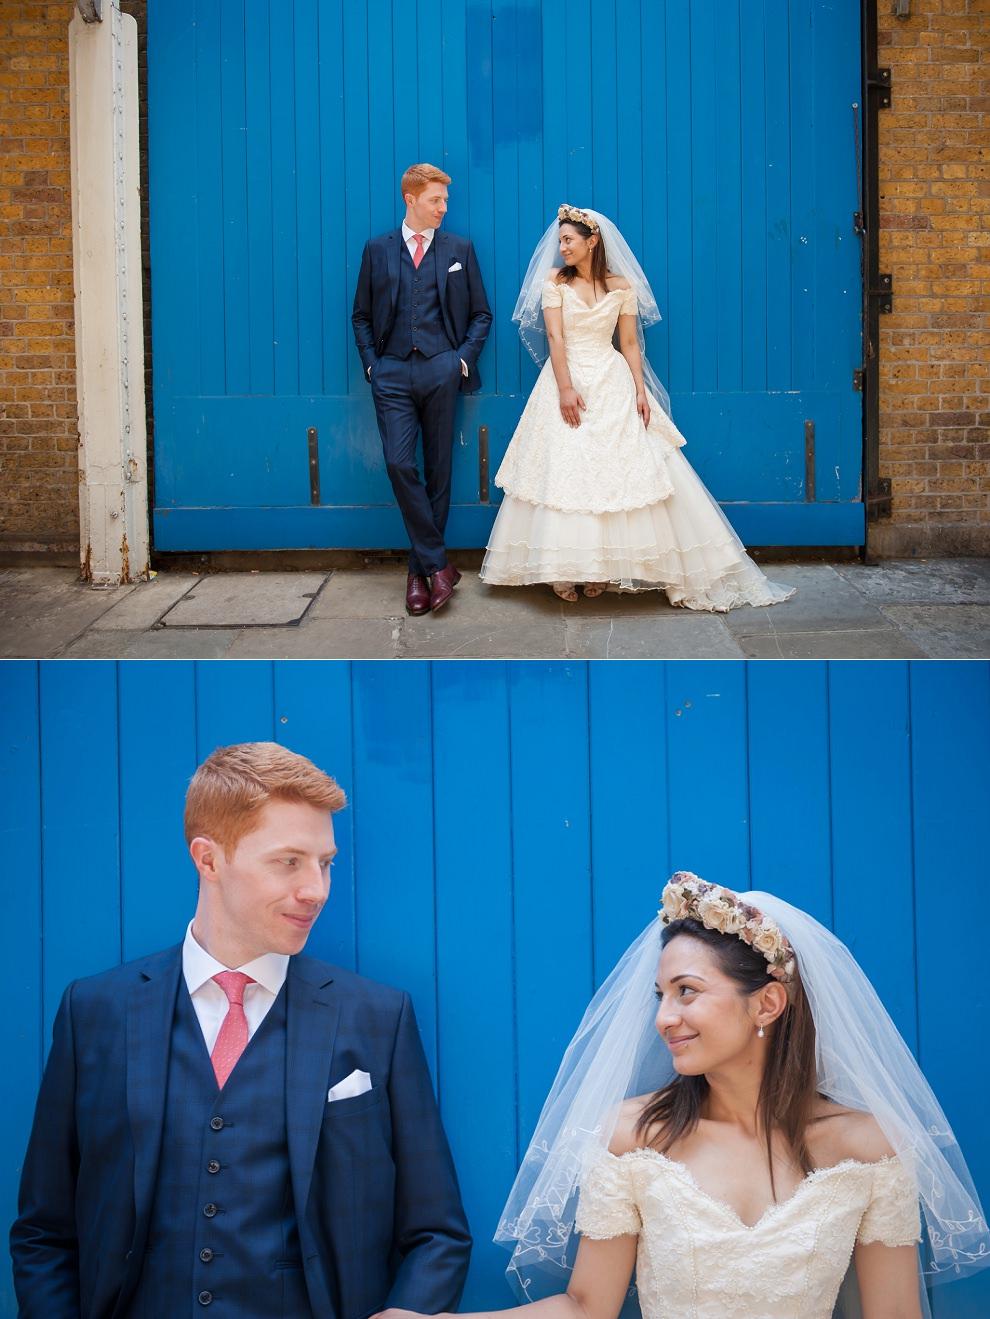 Islington-London-Wedding-Naomi-Euan-88